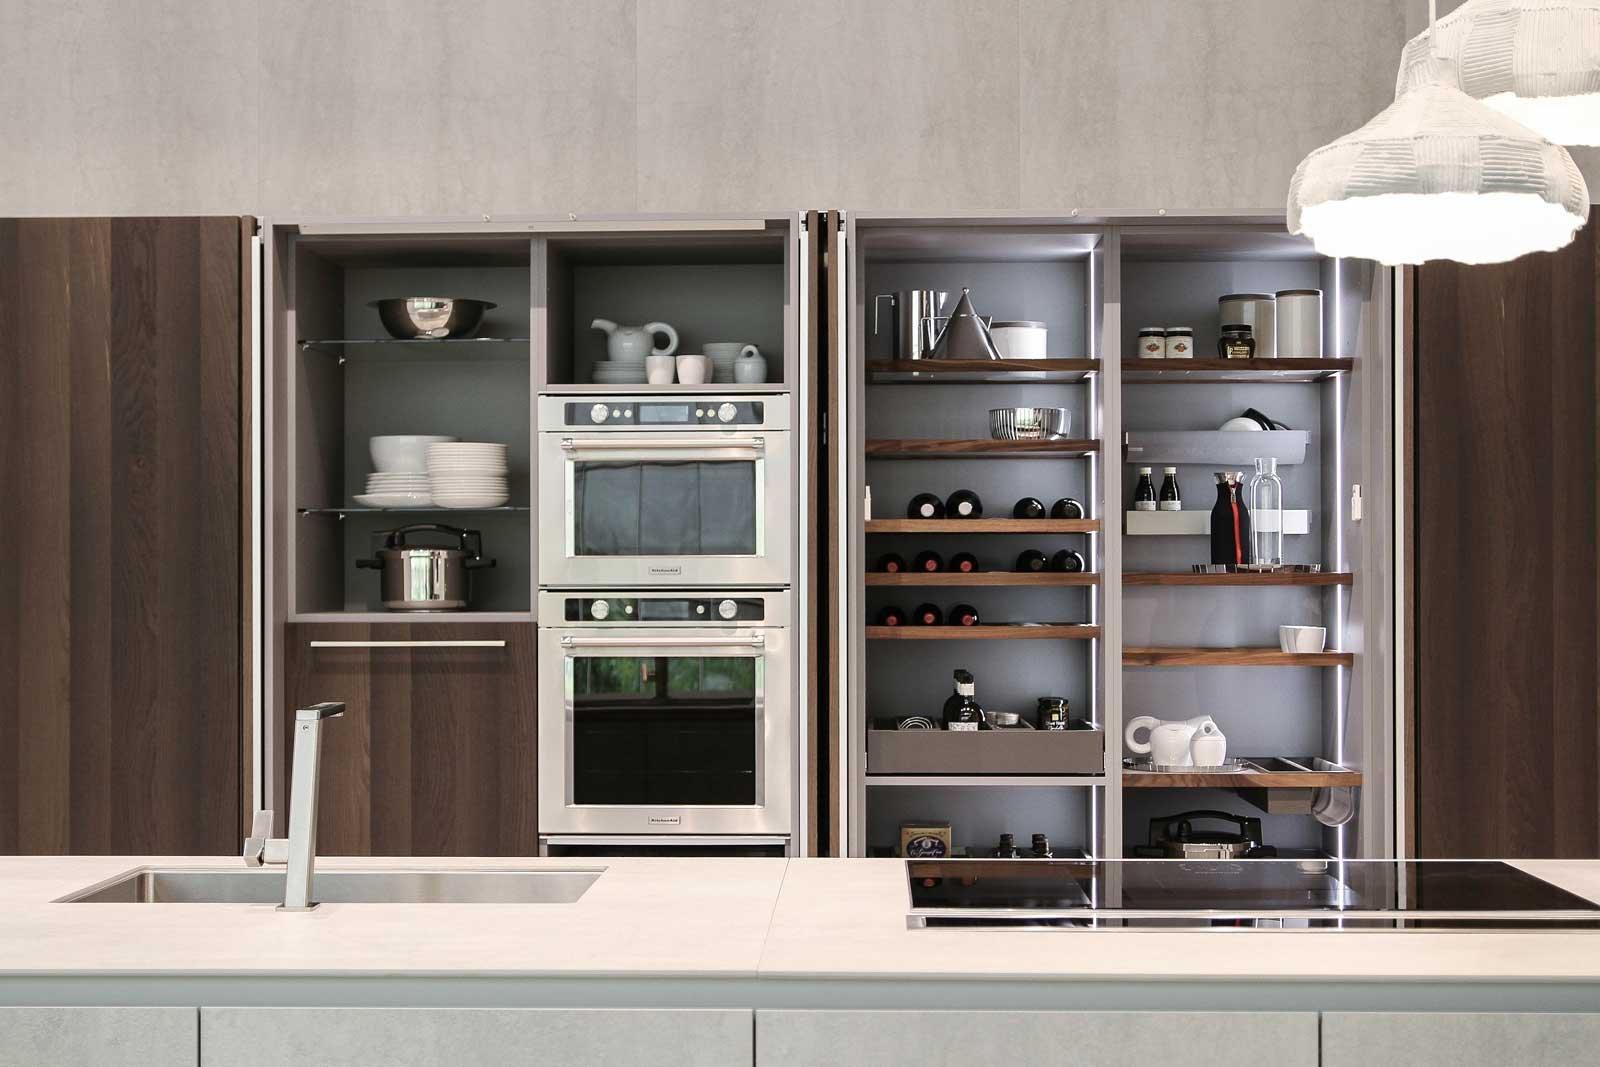 Elettrodomestici da chef come attrezzare al meglio la cucina cose di casa - Disposizione elettrodomestici cucina ...